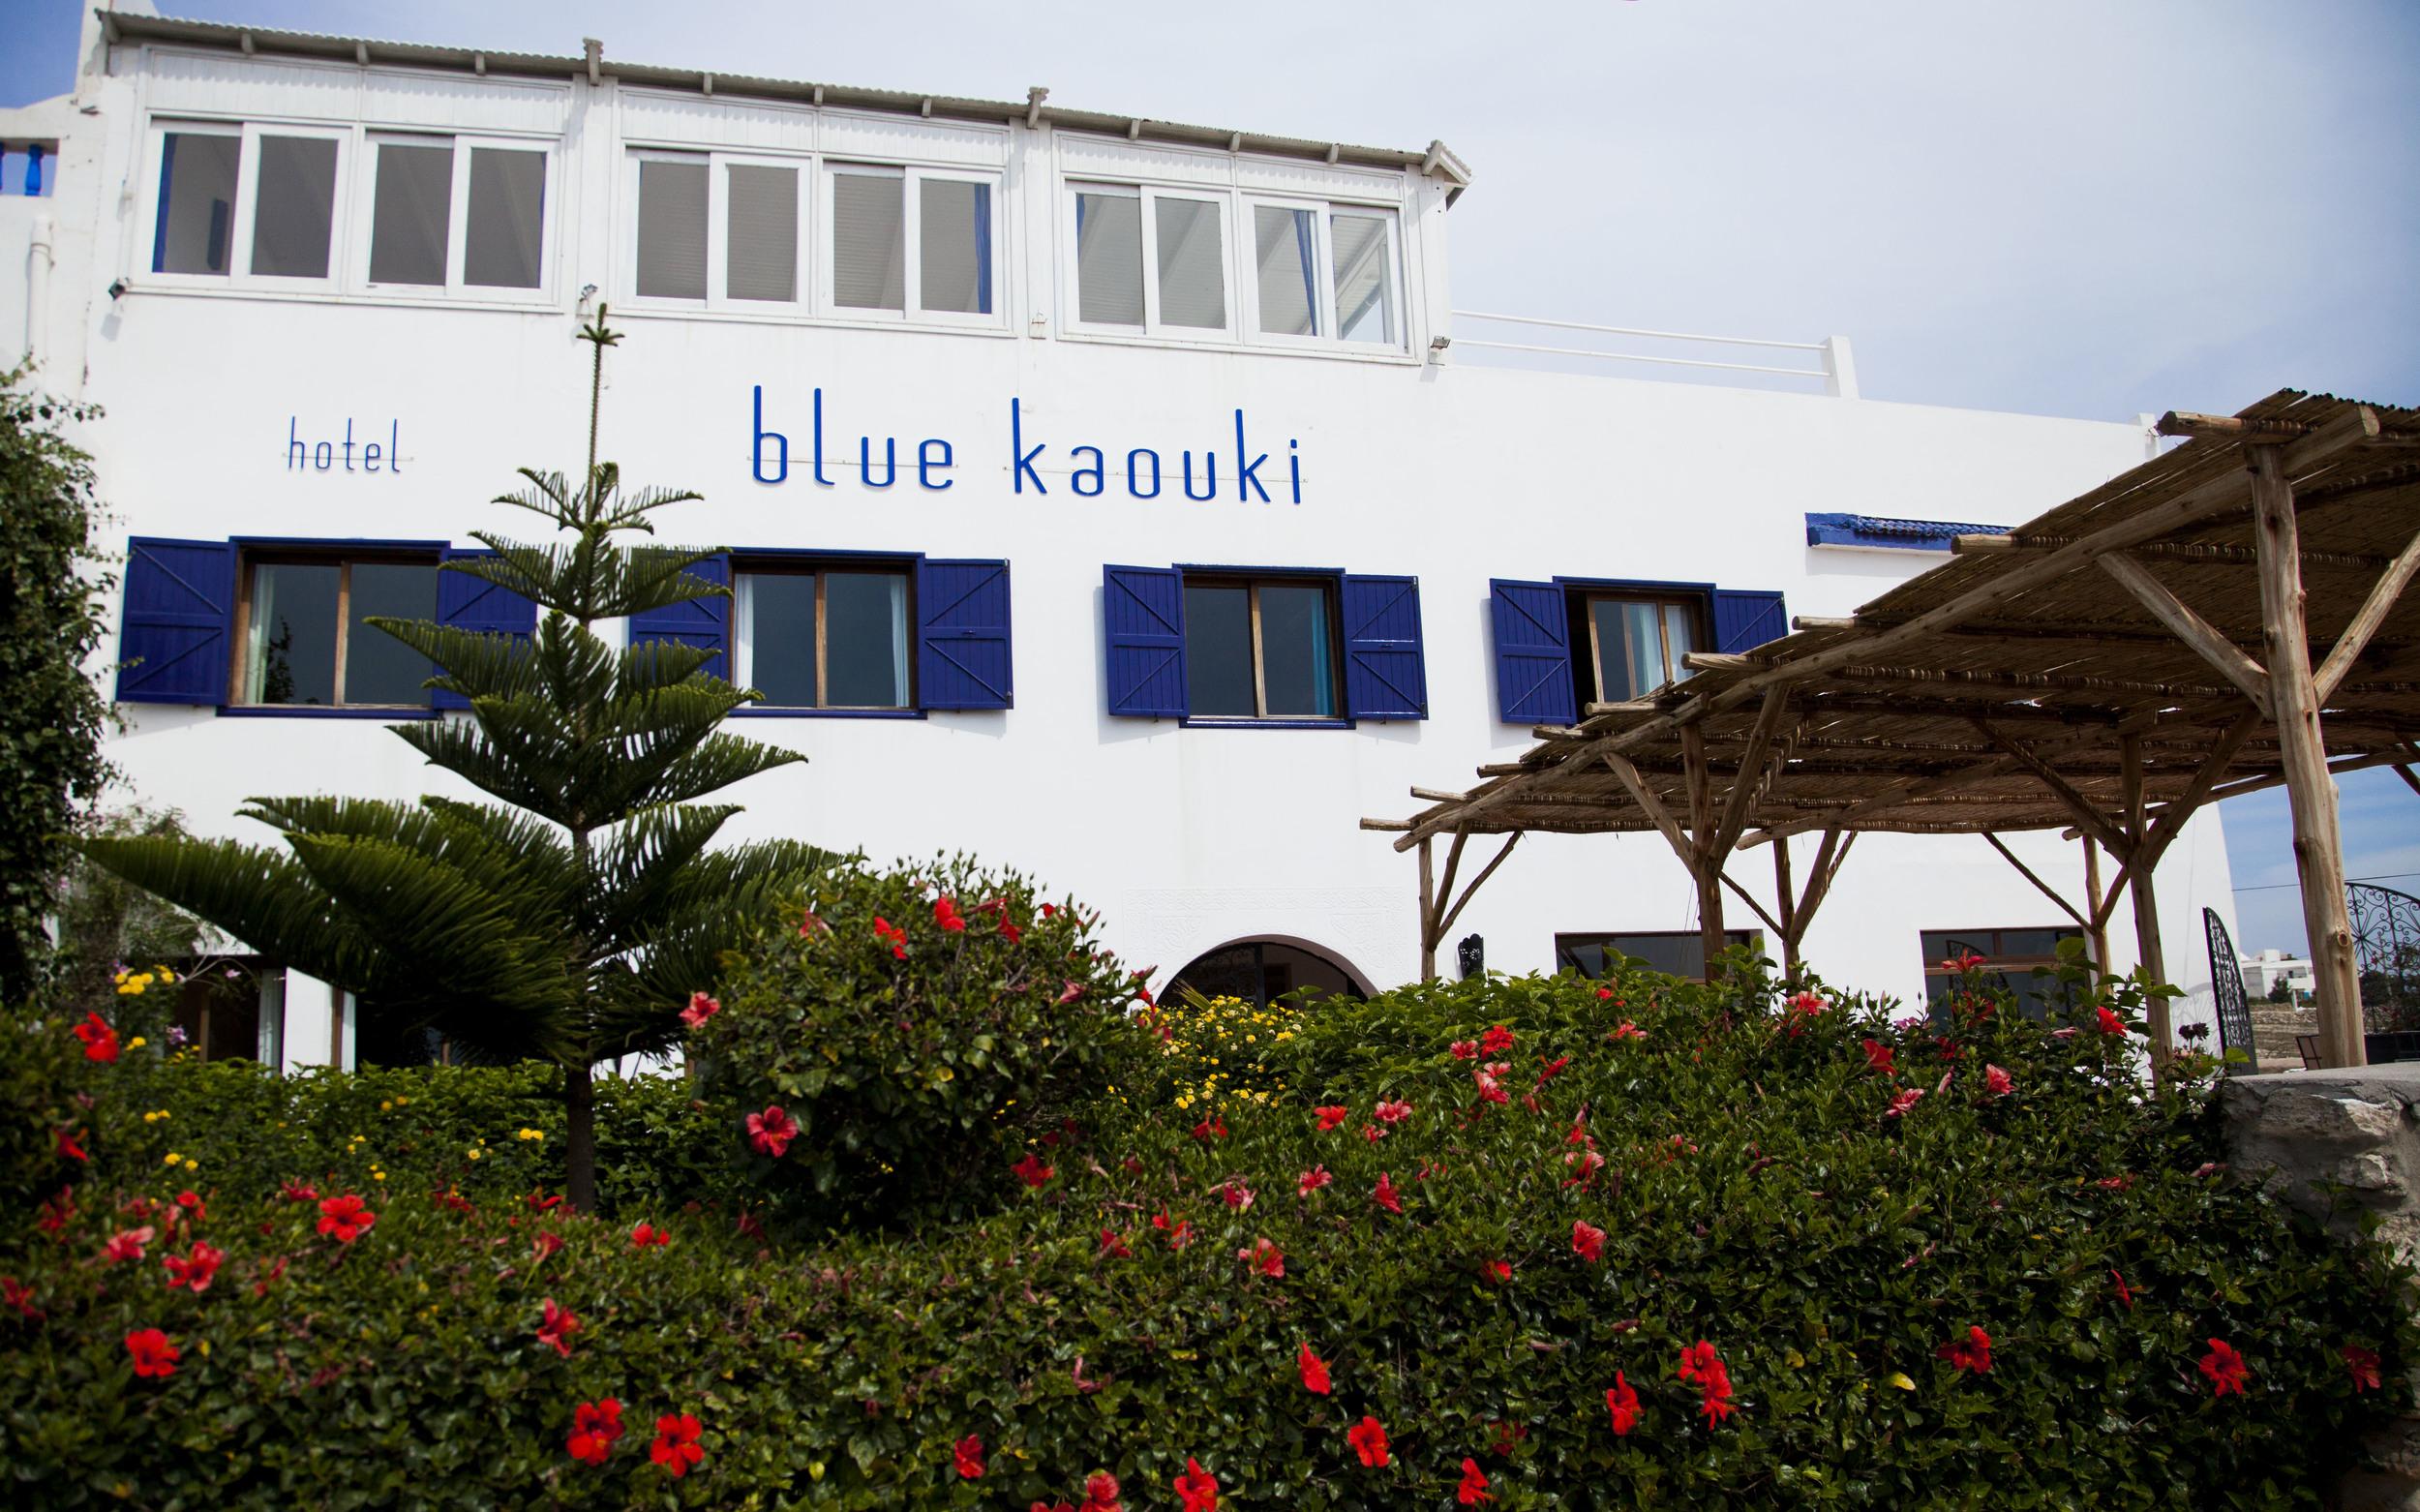 bluekaouki façade.jpg